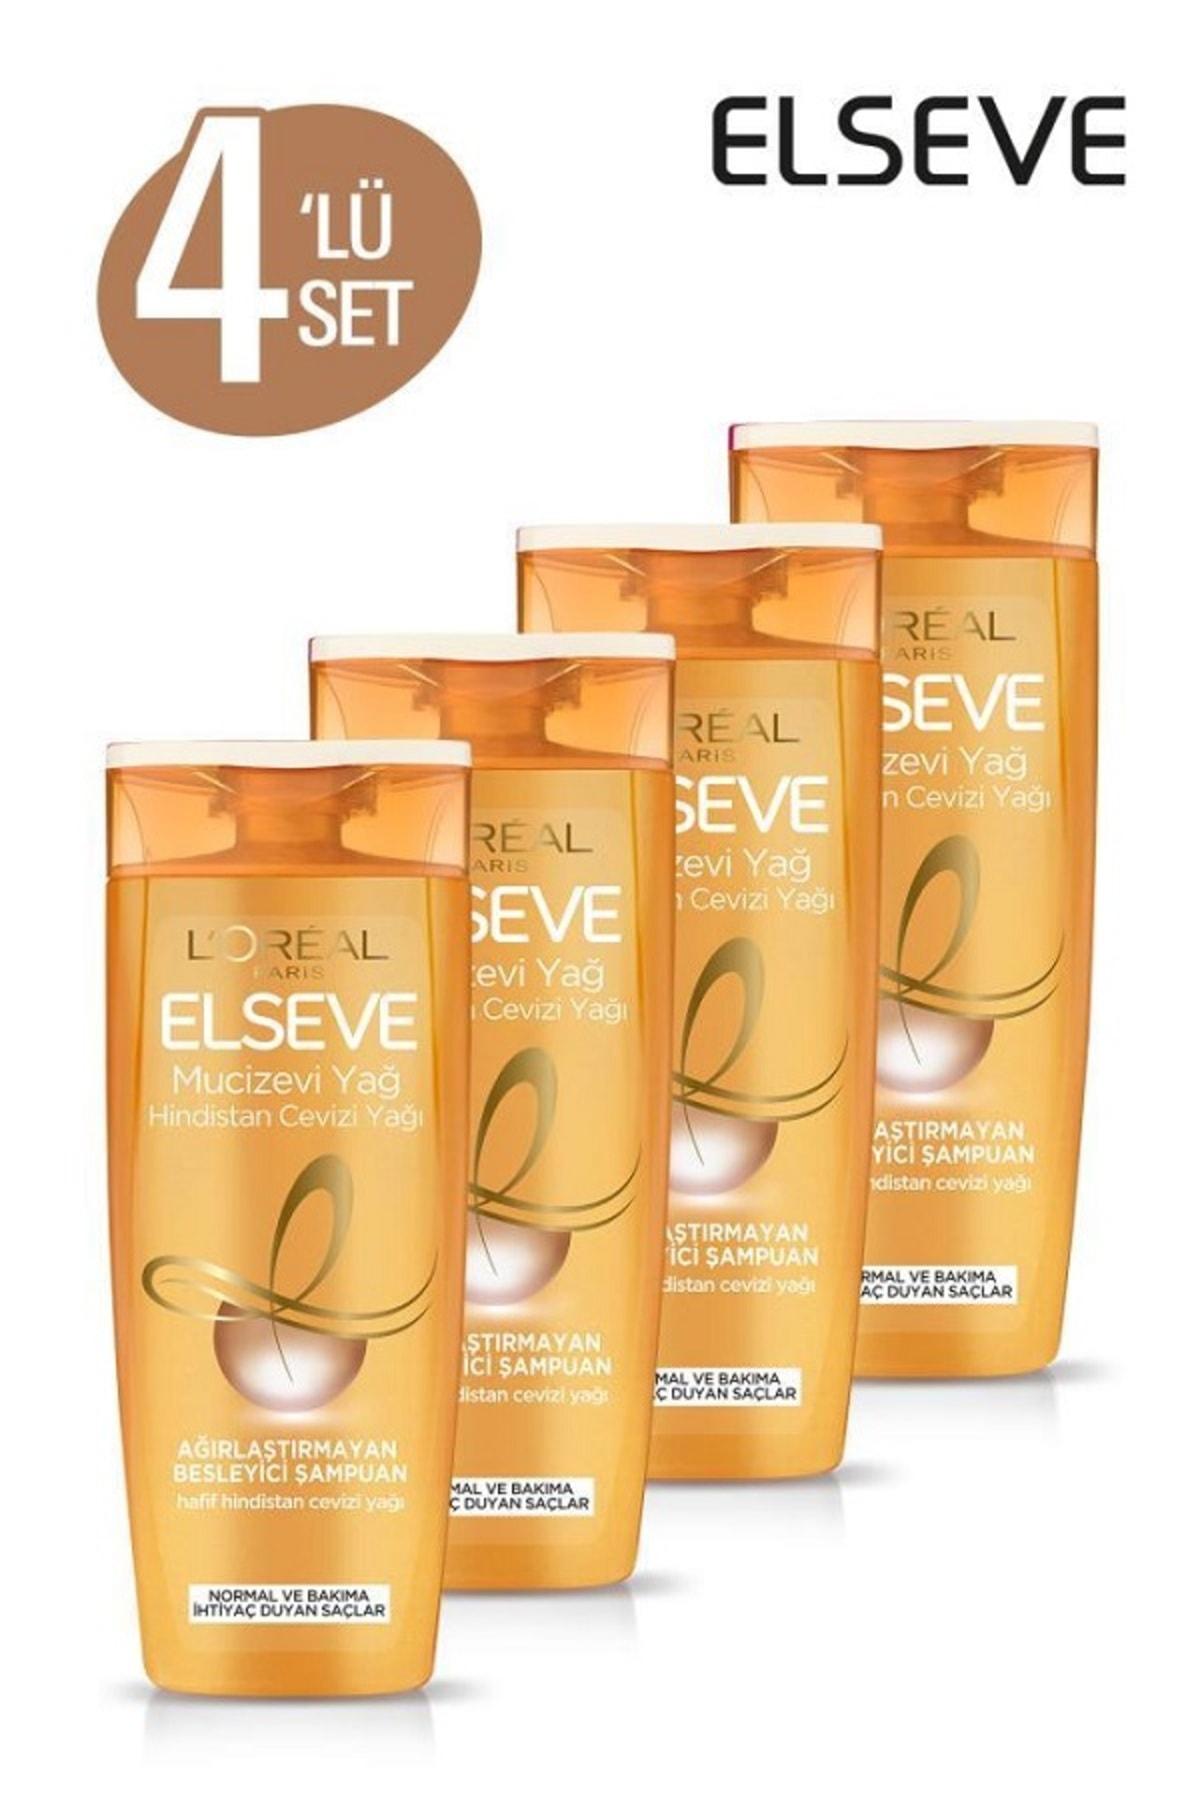 ELSEVE 4'lü Mucizevi Hindistan Cevizi Yağı Ağırlaştırmayan Besleyici Şampuan 360 ml Seti  36005237558134 1